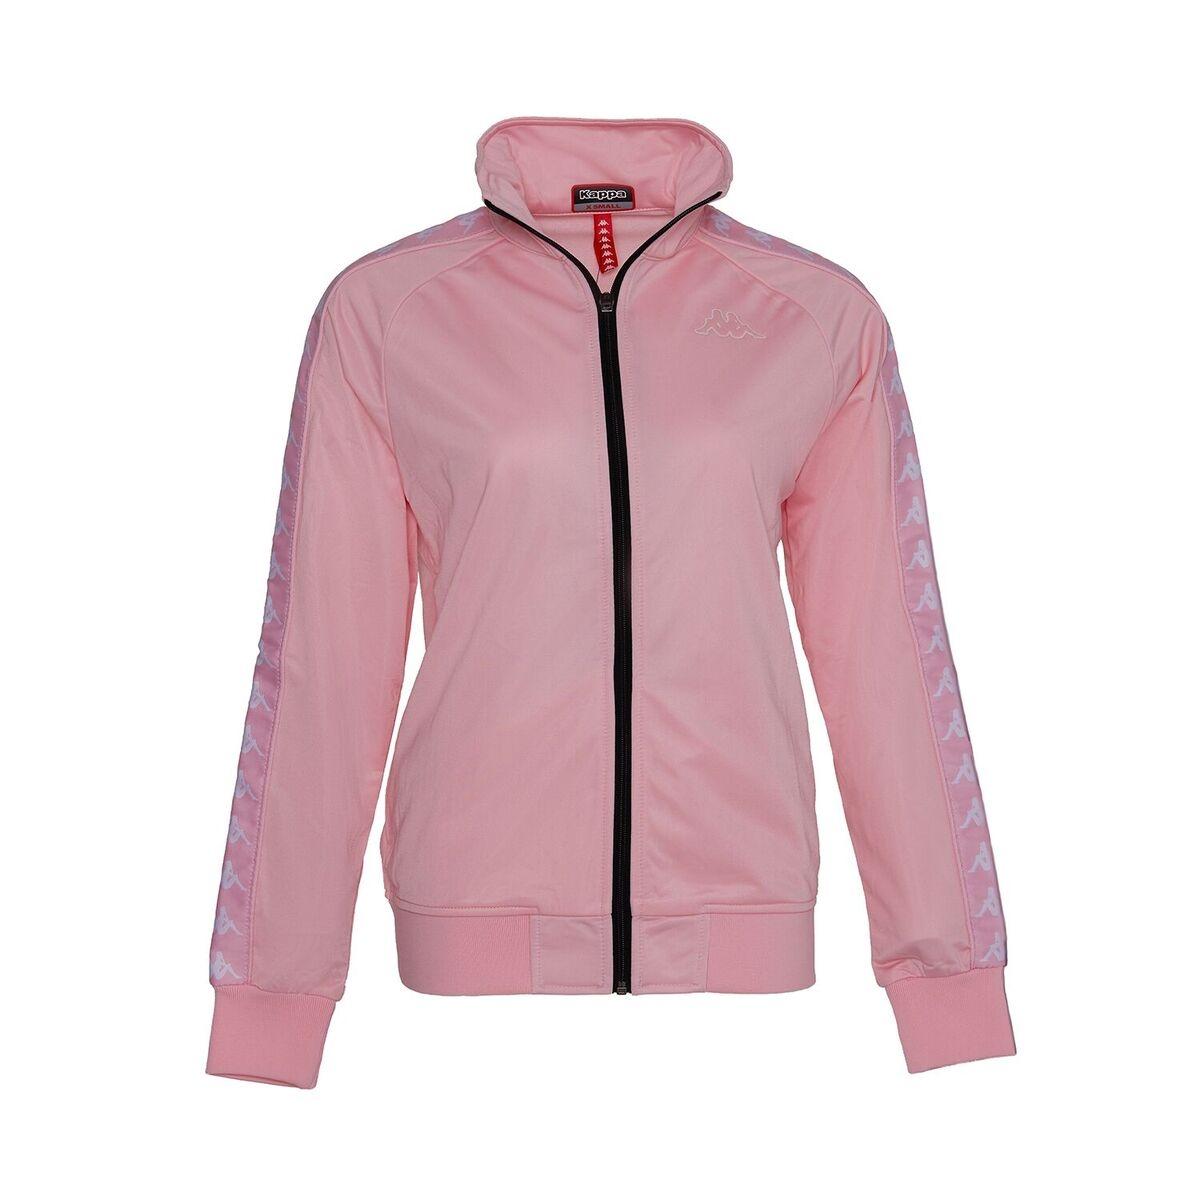 Kappa Kappa Track Jacket, Pink-White